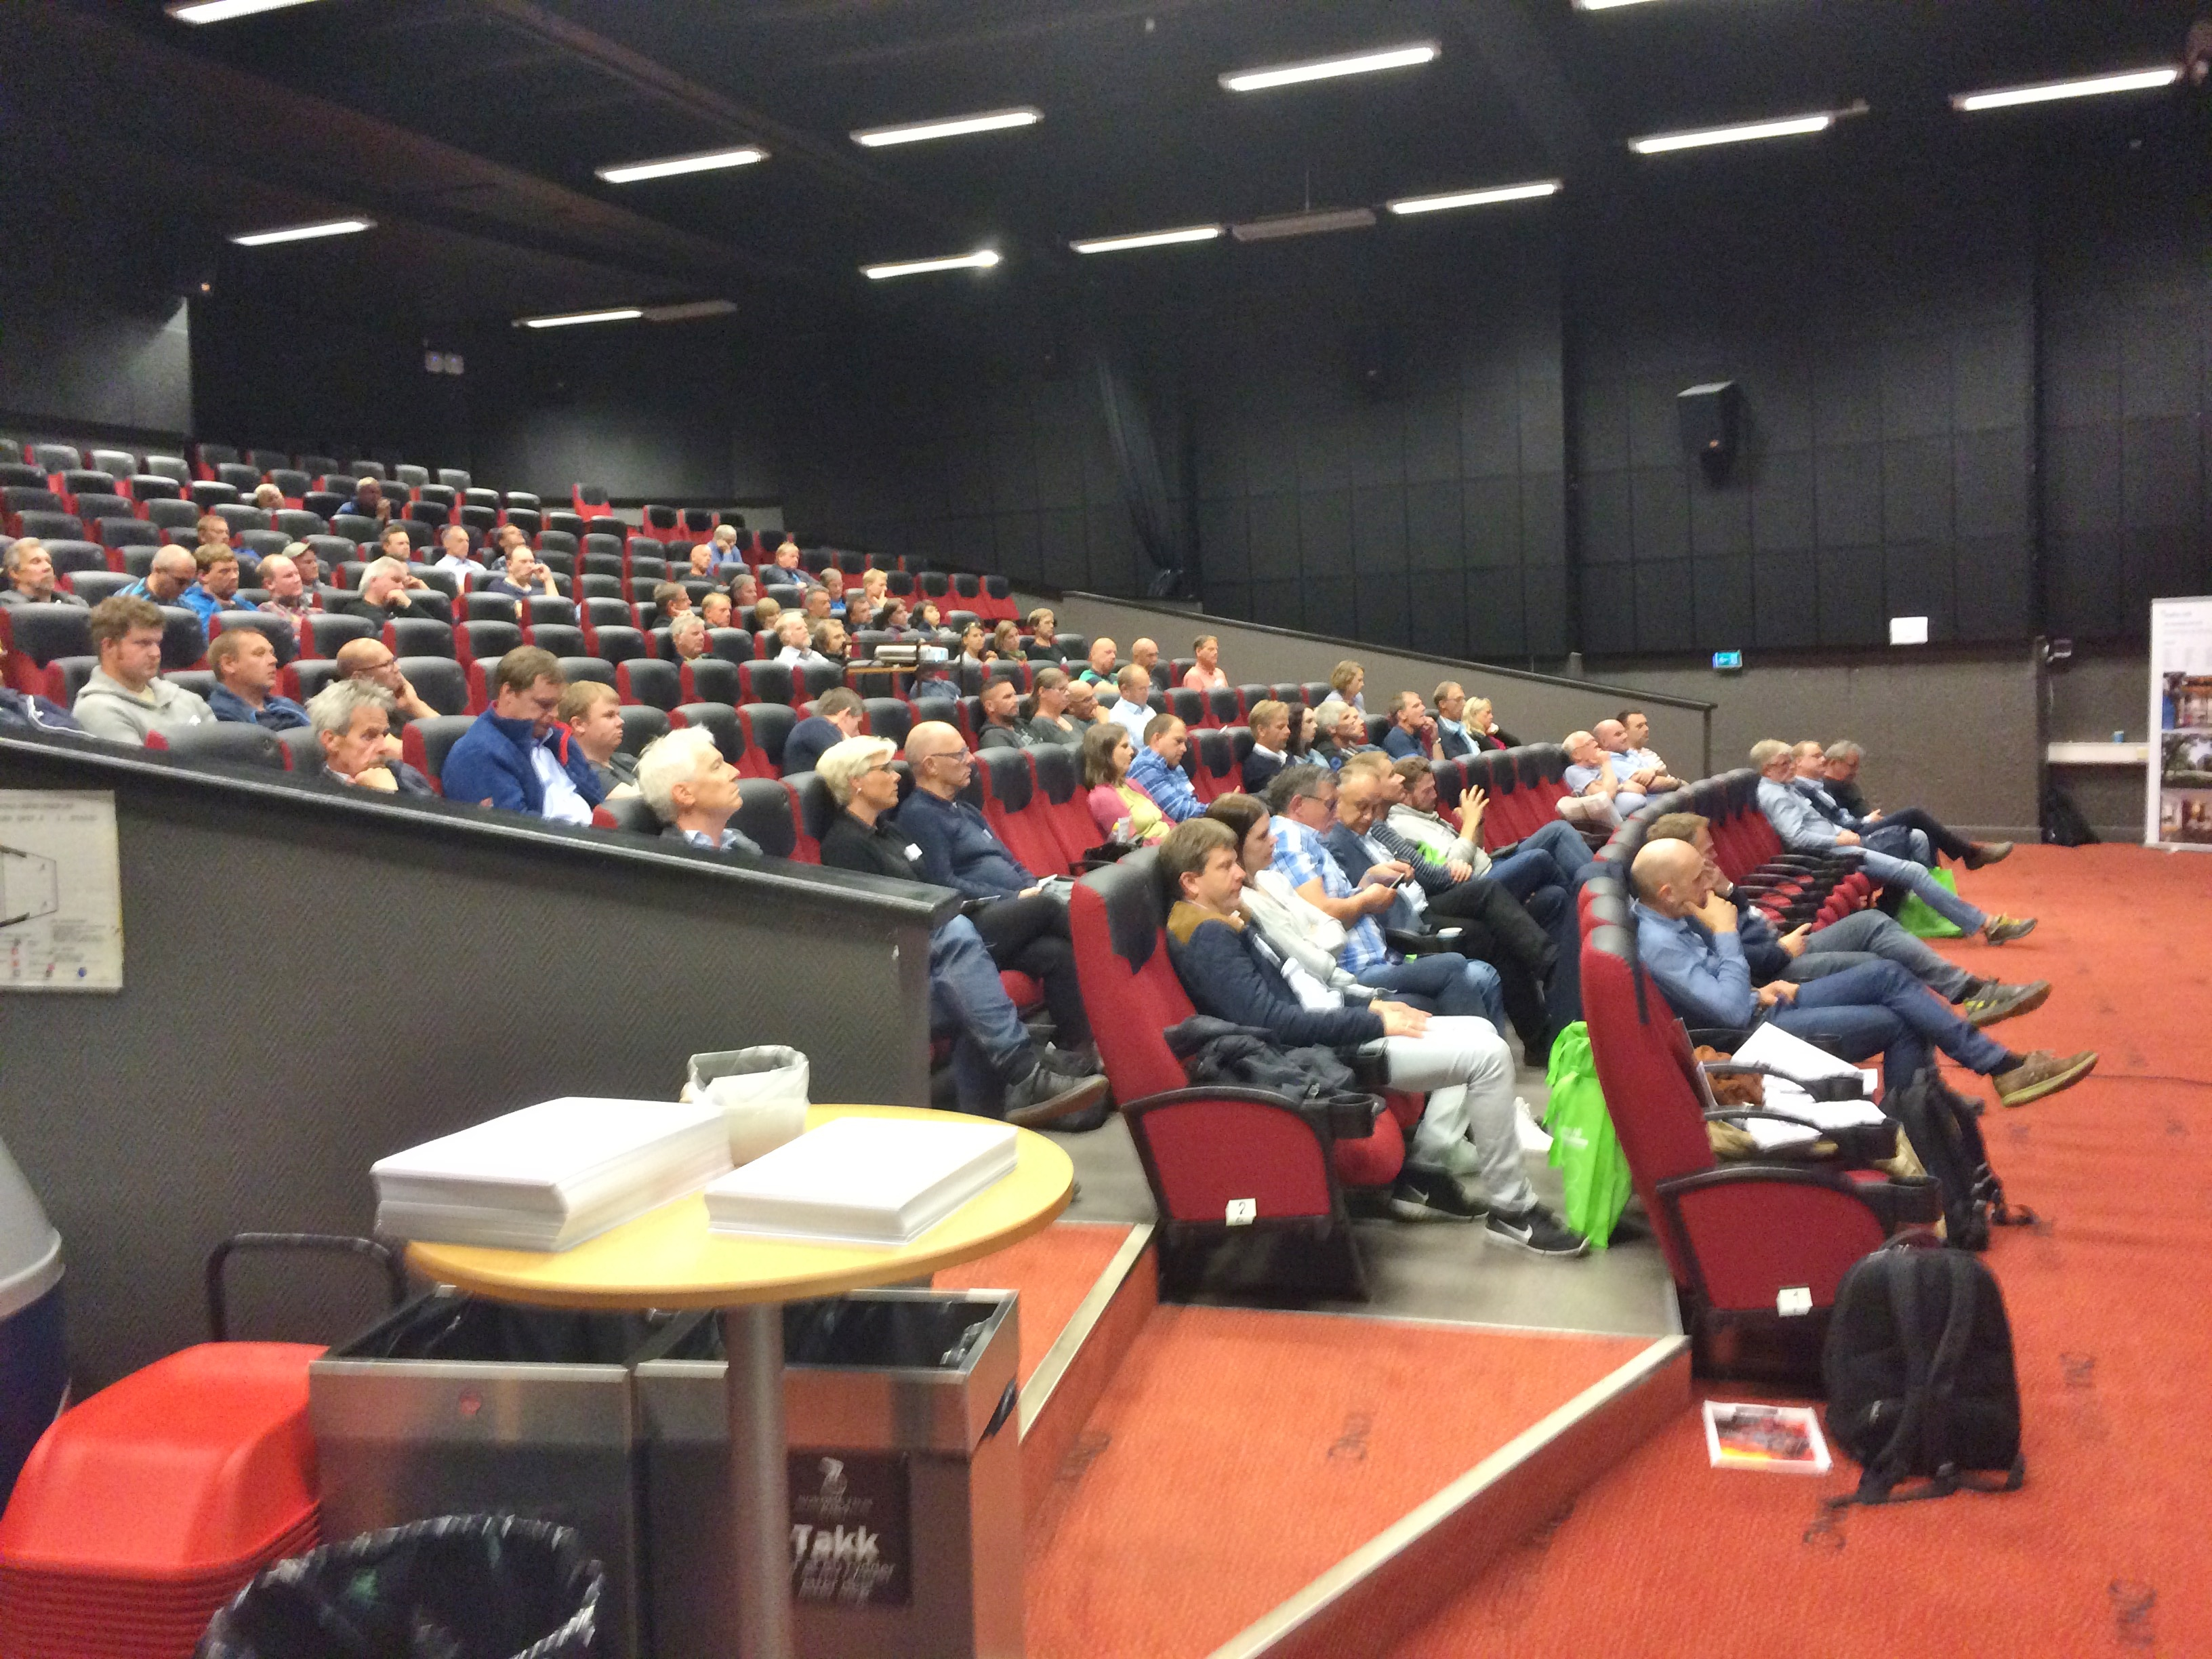 Det var god oppslutning om konferansen, som samlet 152 deltakere fra hele VA-bransjen